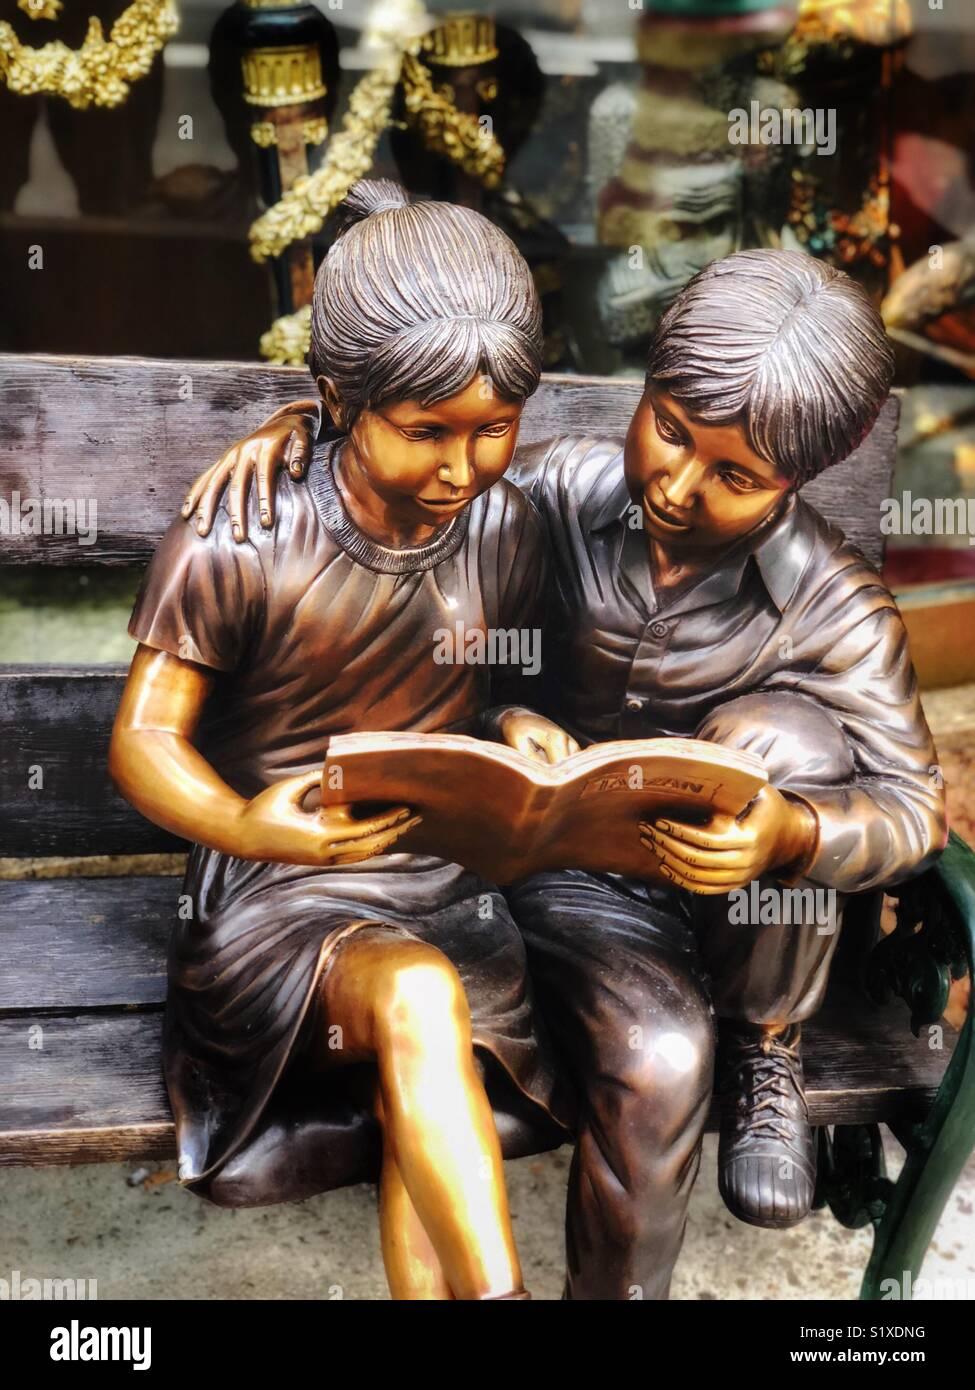 Kind Statue anschickt, ein Buch, während auf einer Bank sitzen. Stockbild